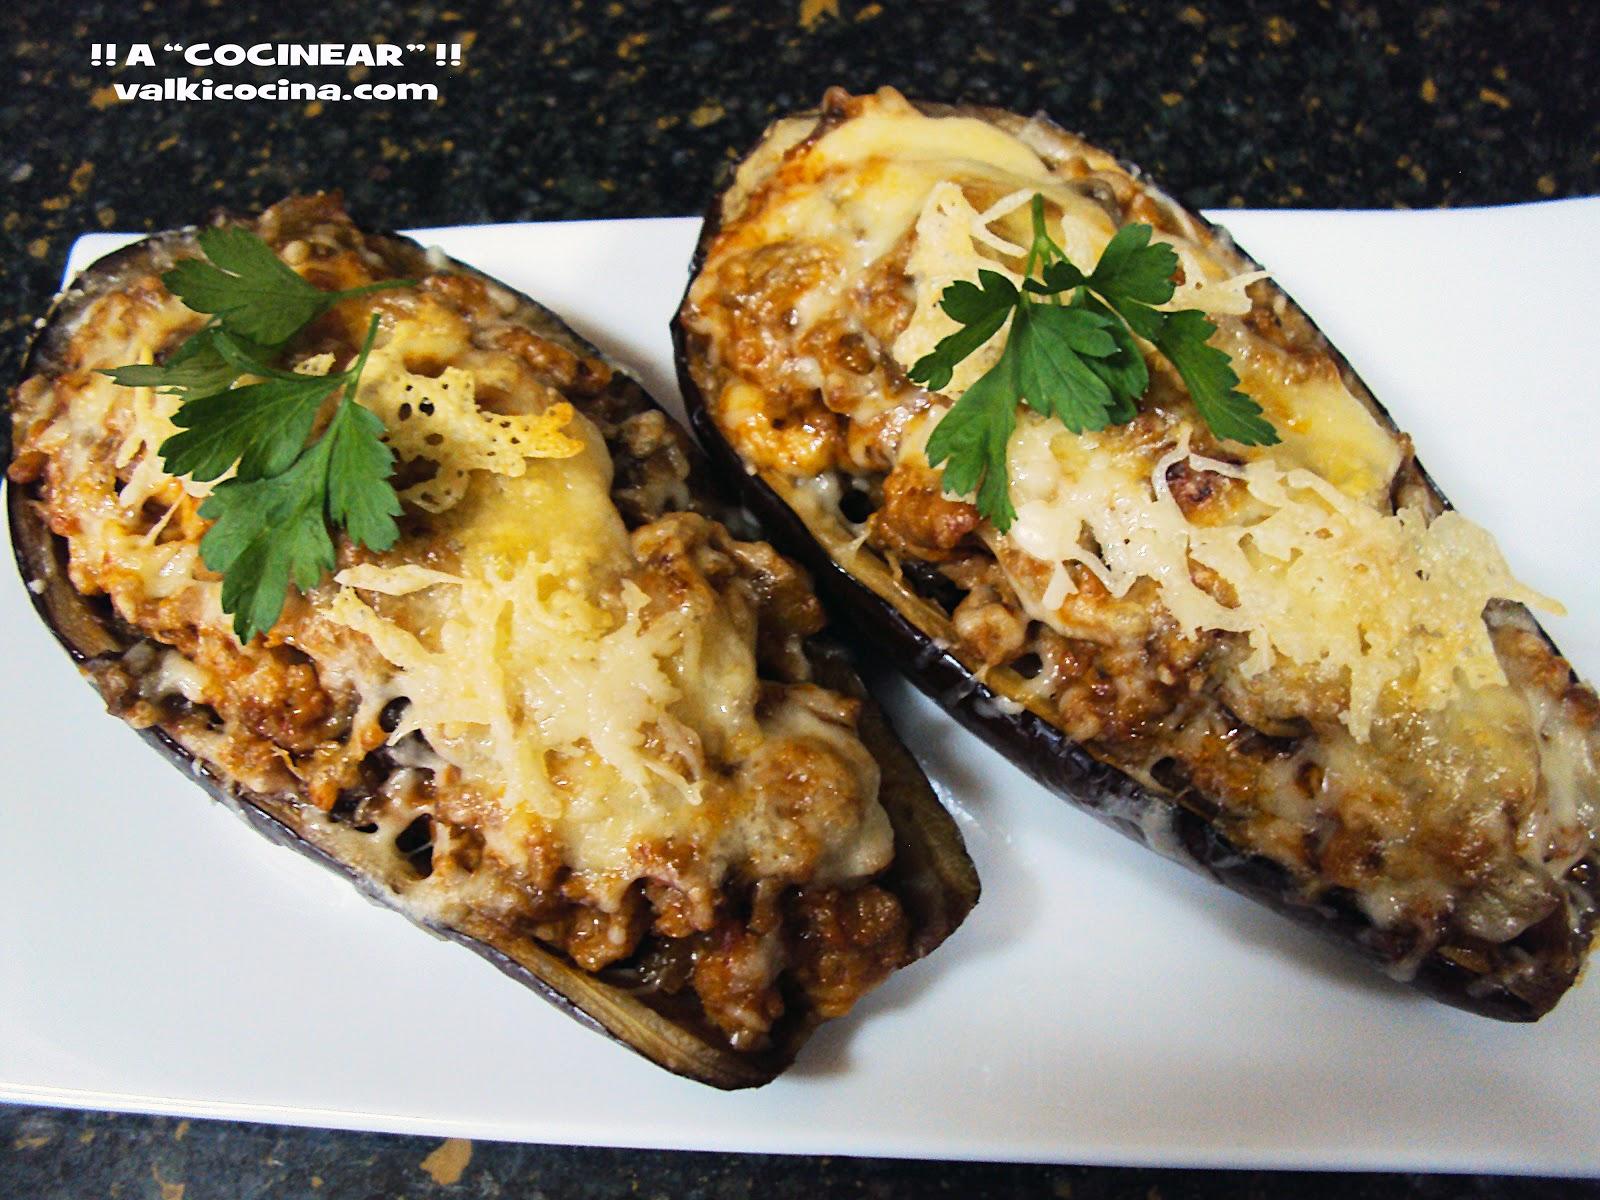 Berenjenas rellenas de carne, queso y gratinadas al horno